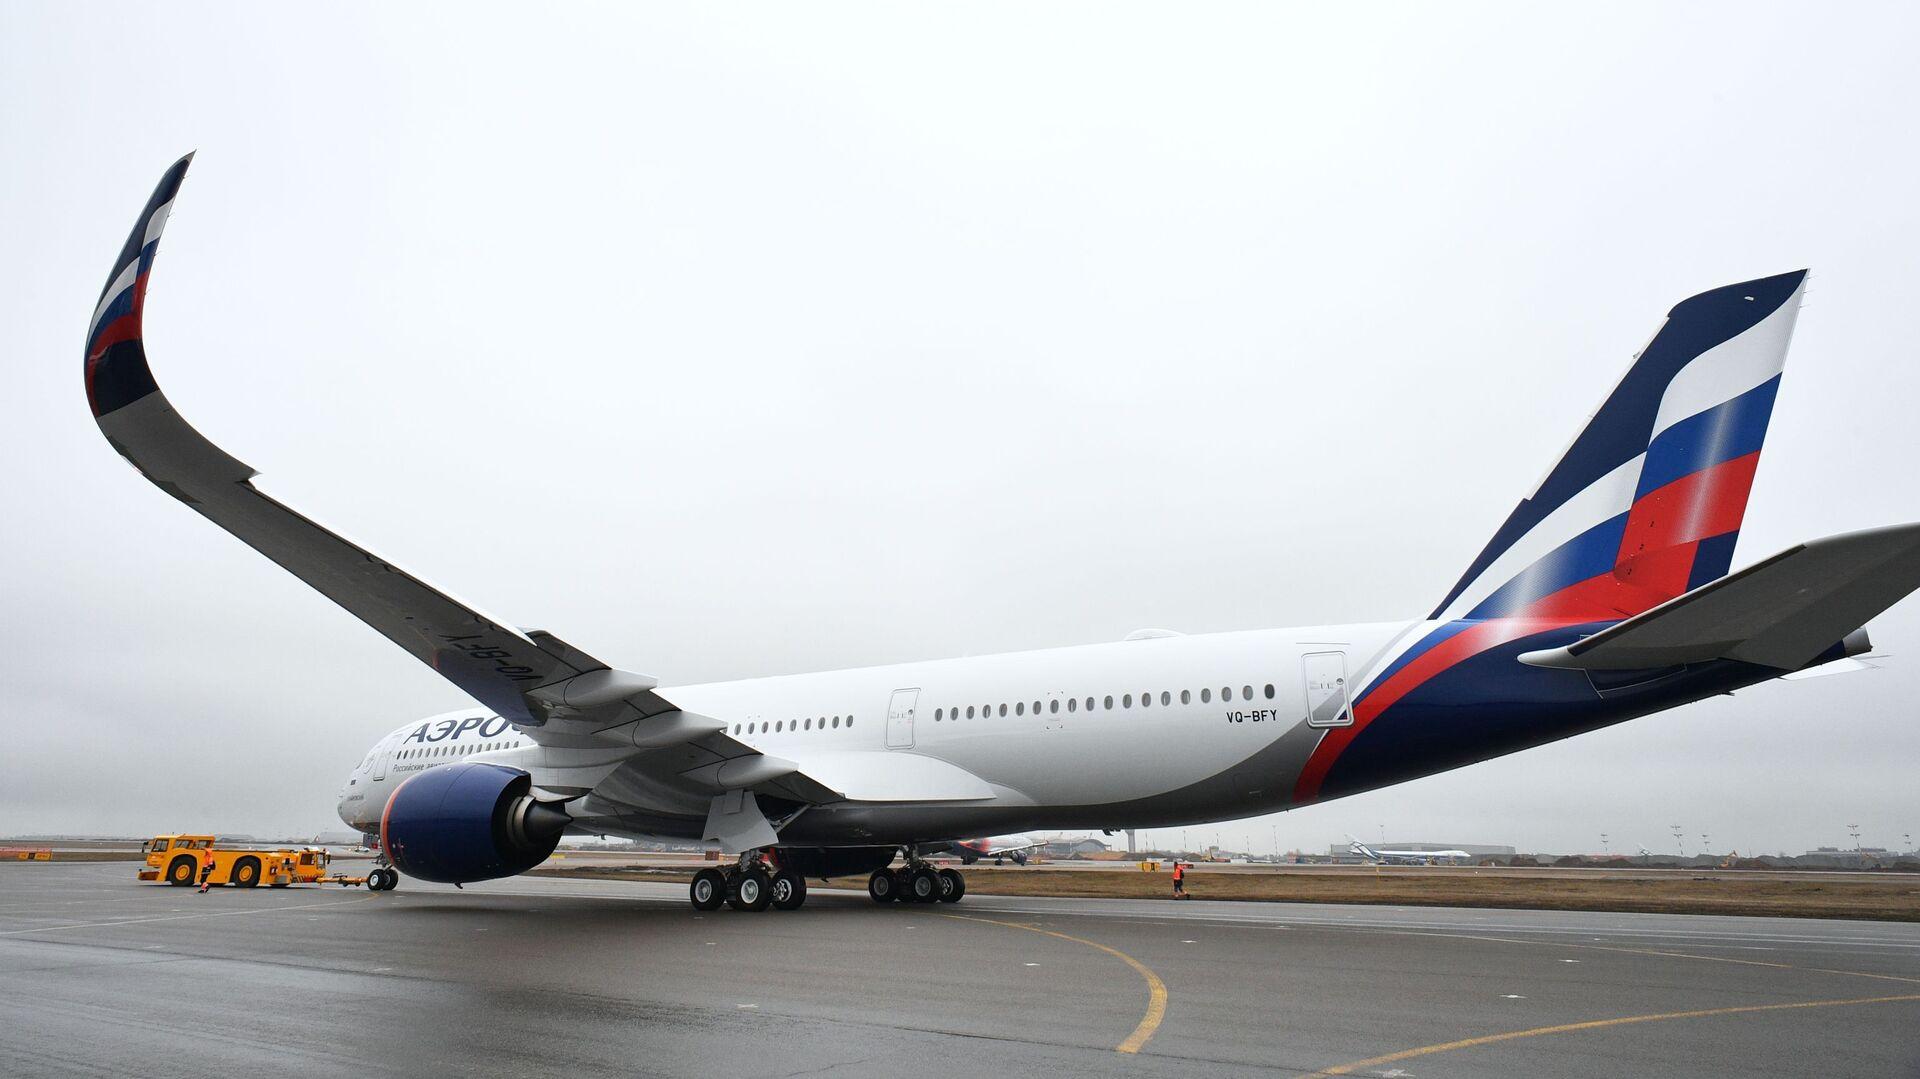 Presentación del primer Airbus A350-900 de la aerolínea rusa, Aeroflot - Sputnik Mundo, 1920, 14.05.2021